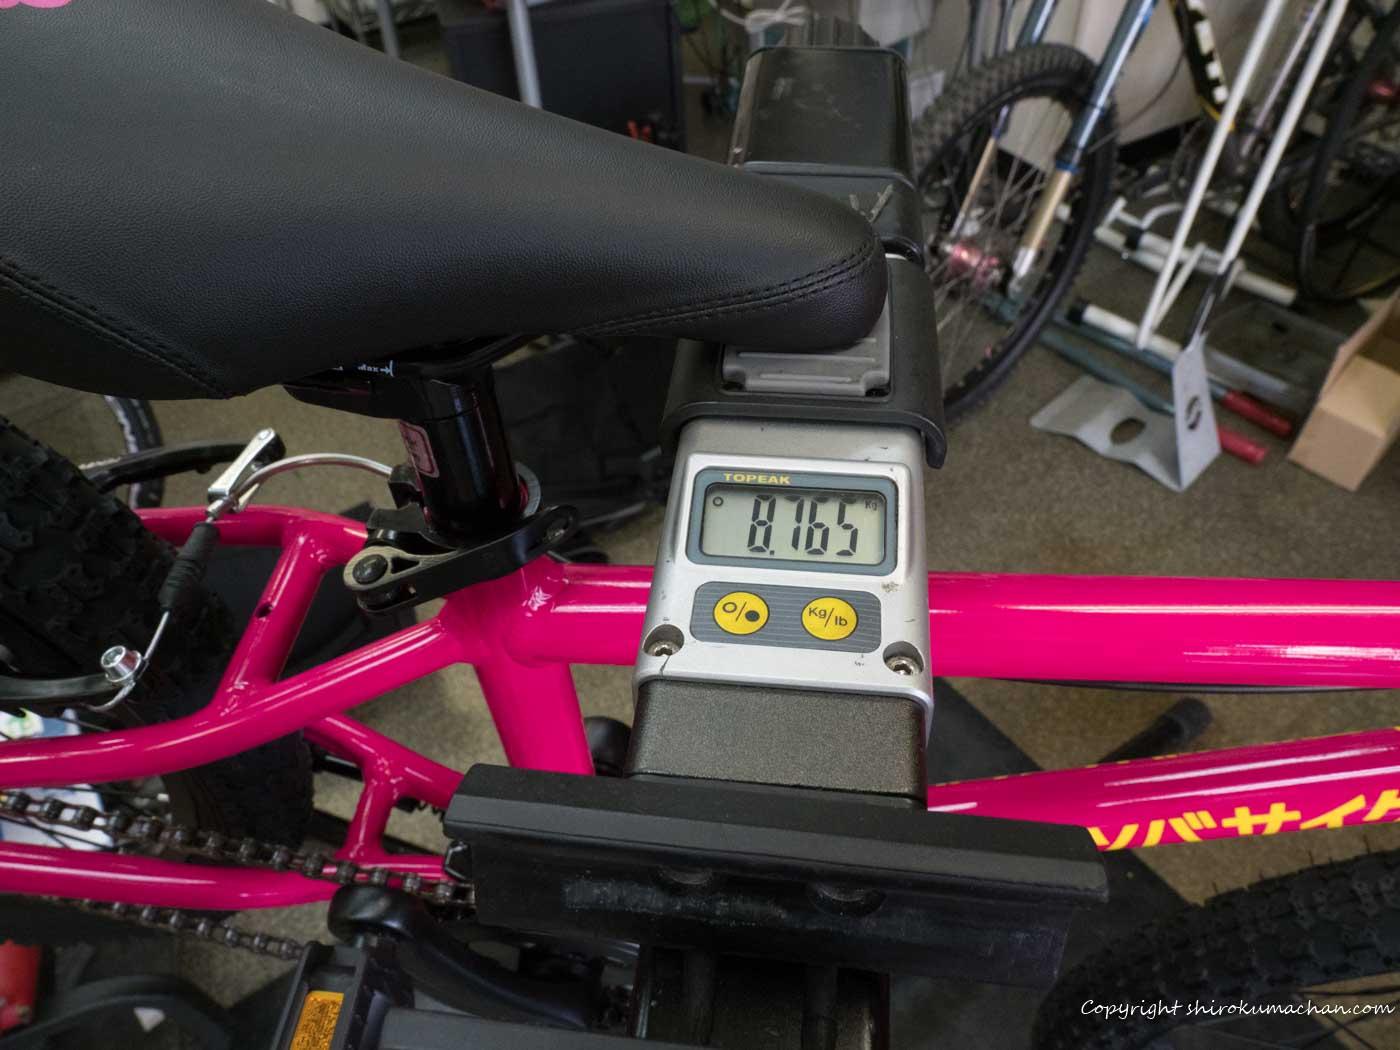 ヨツバサイクル20インチ実重量